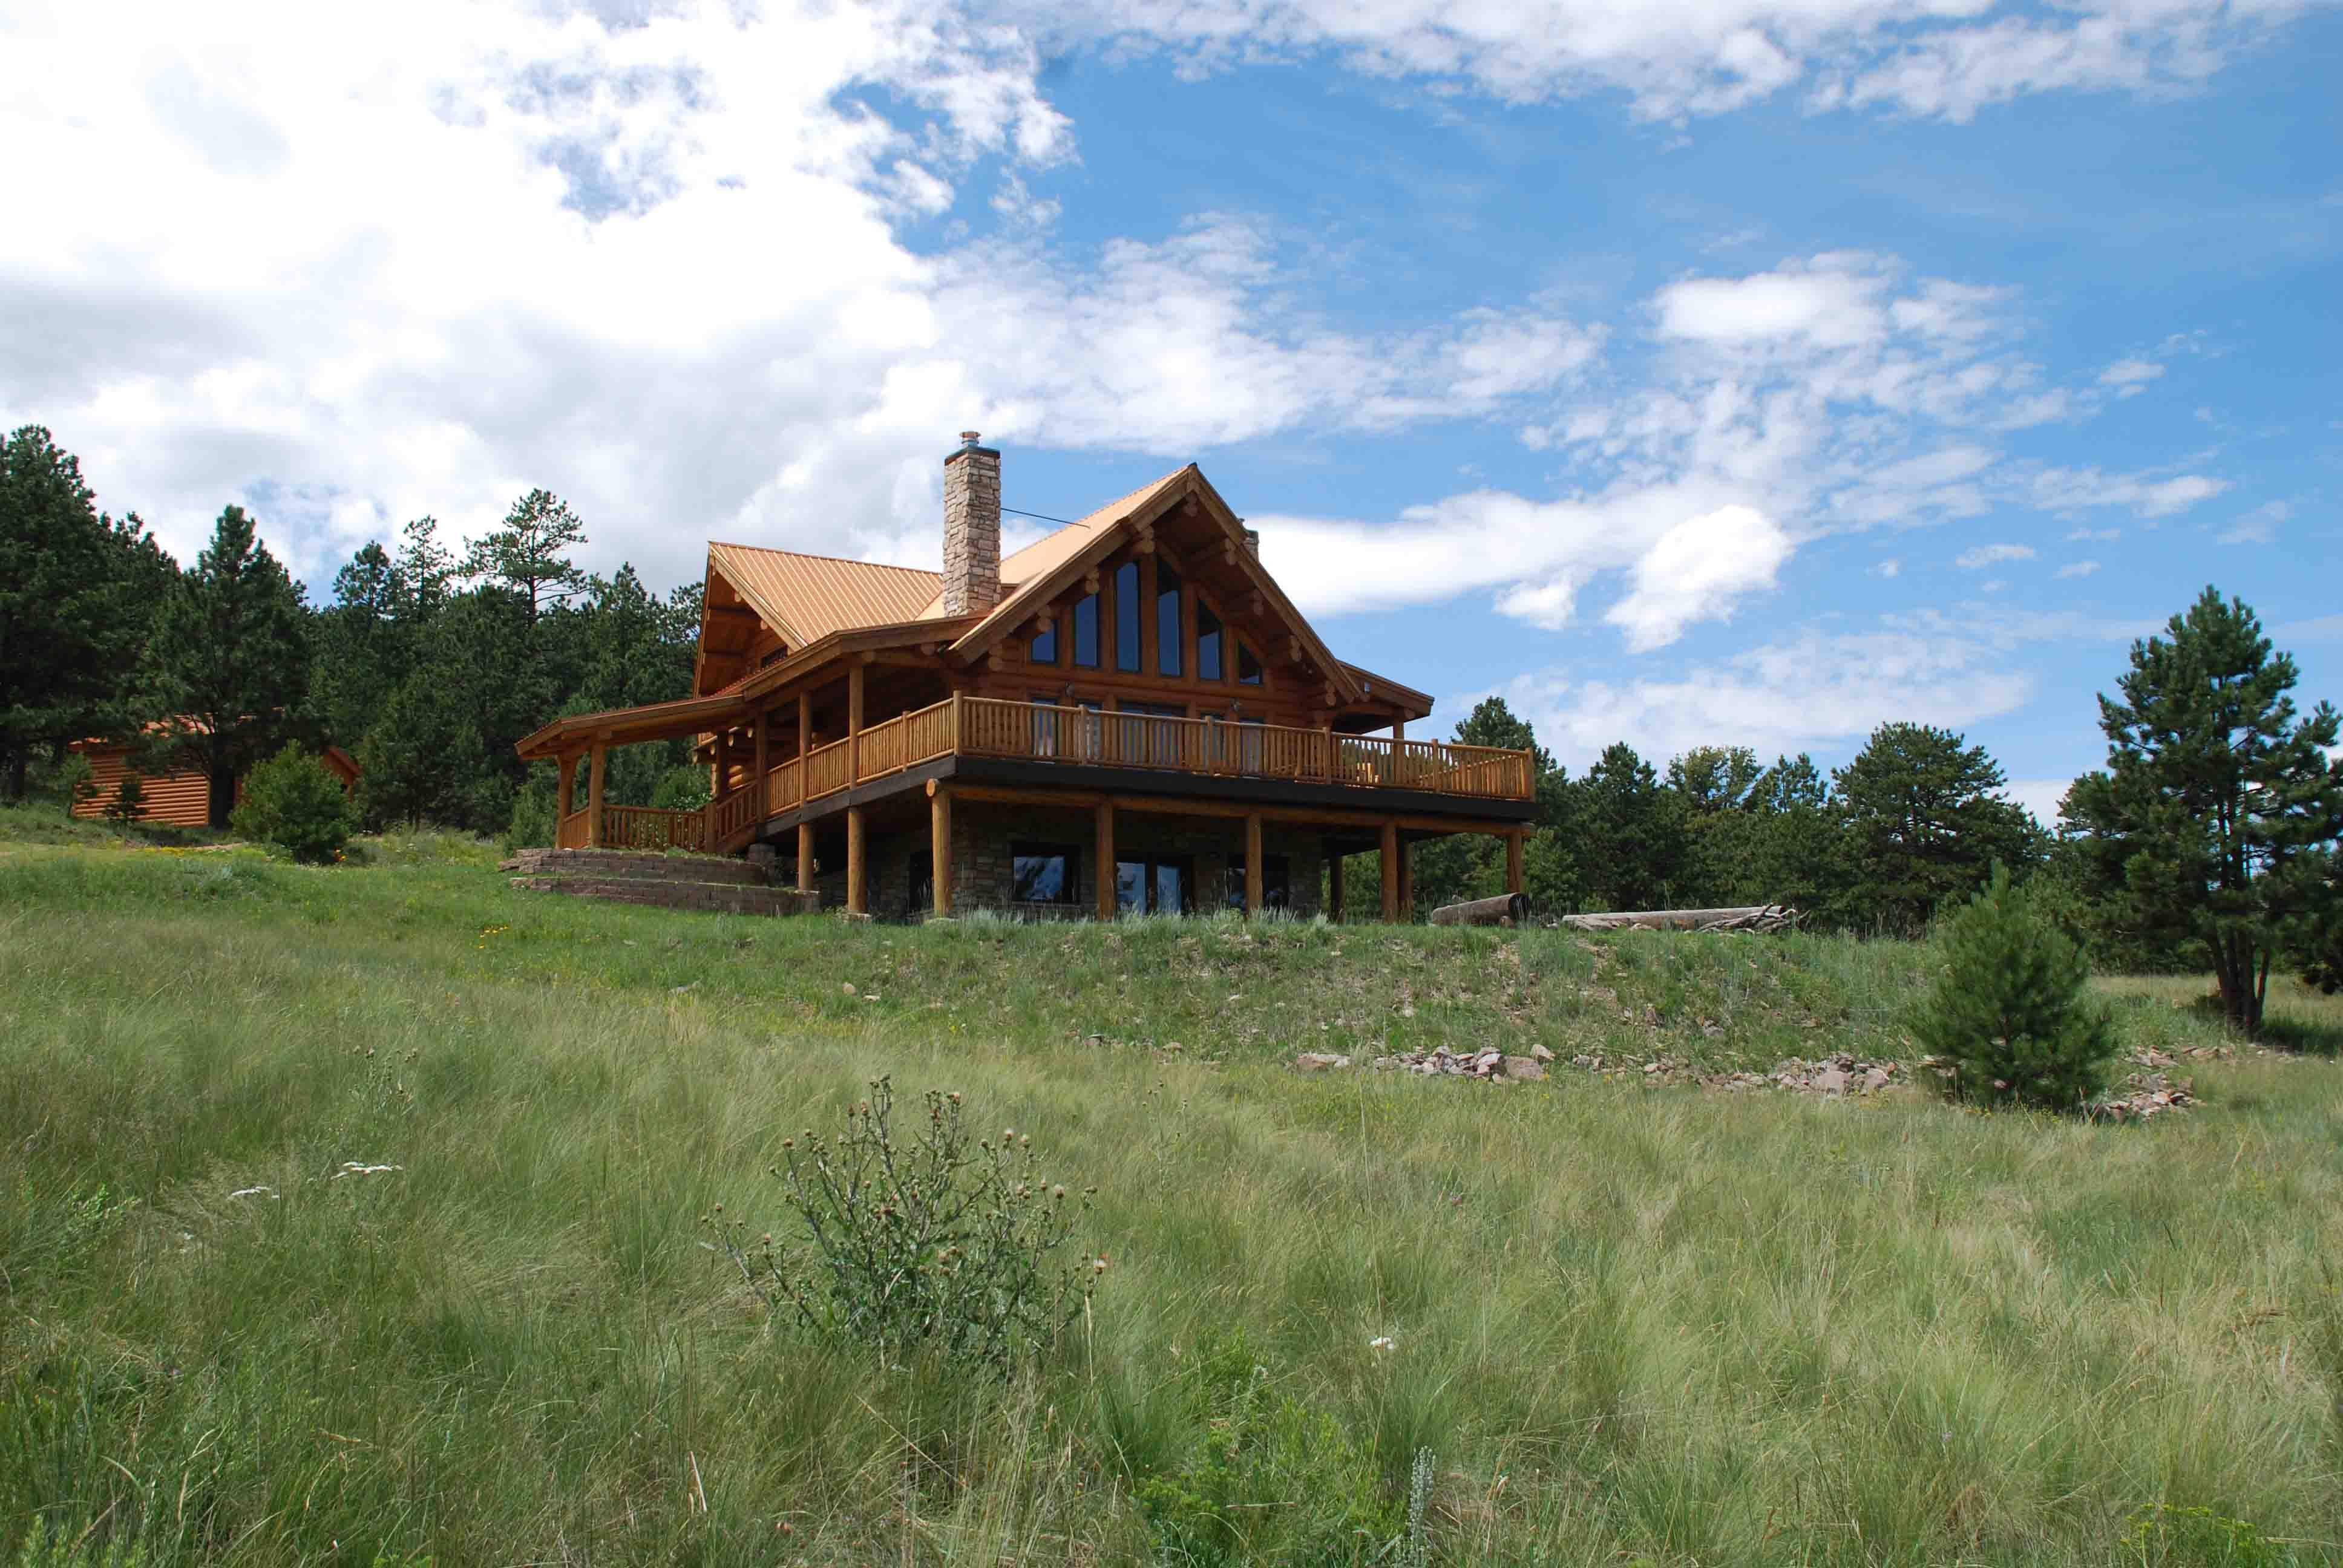 Whispering Aspen Ranch 33 Spruce Lane Log Home on 39 Acres